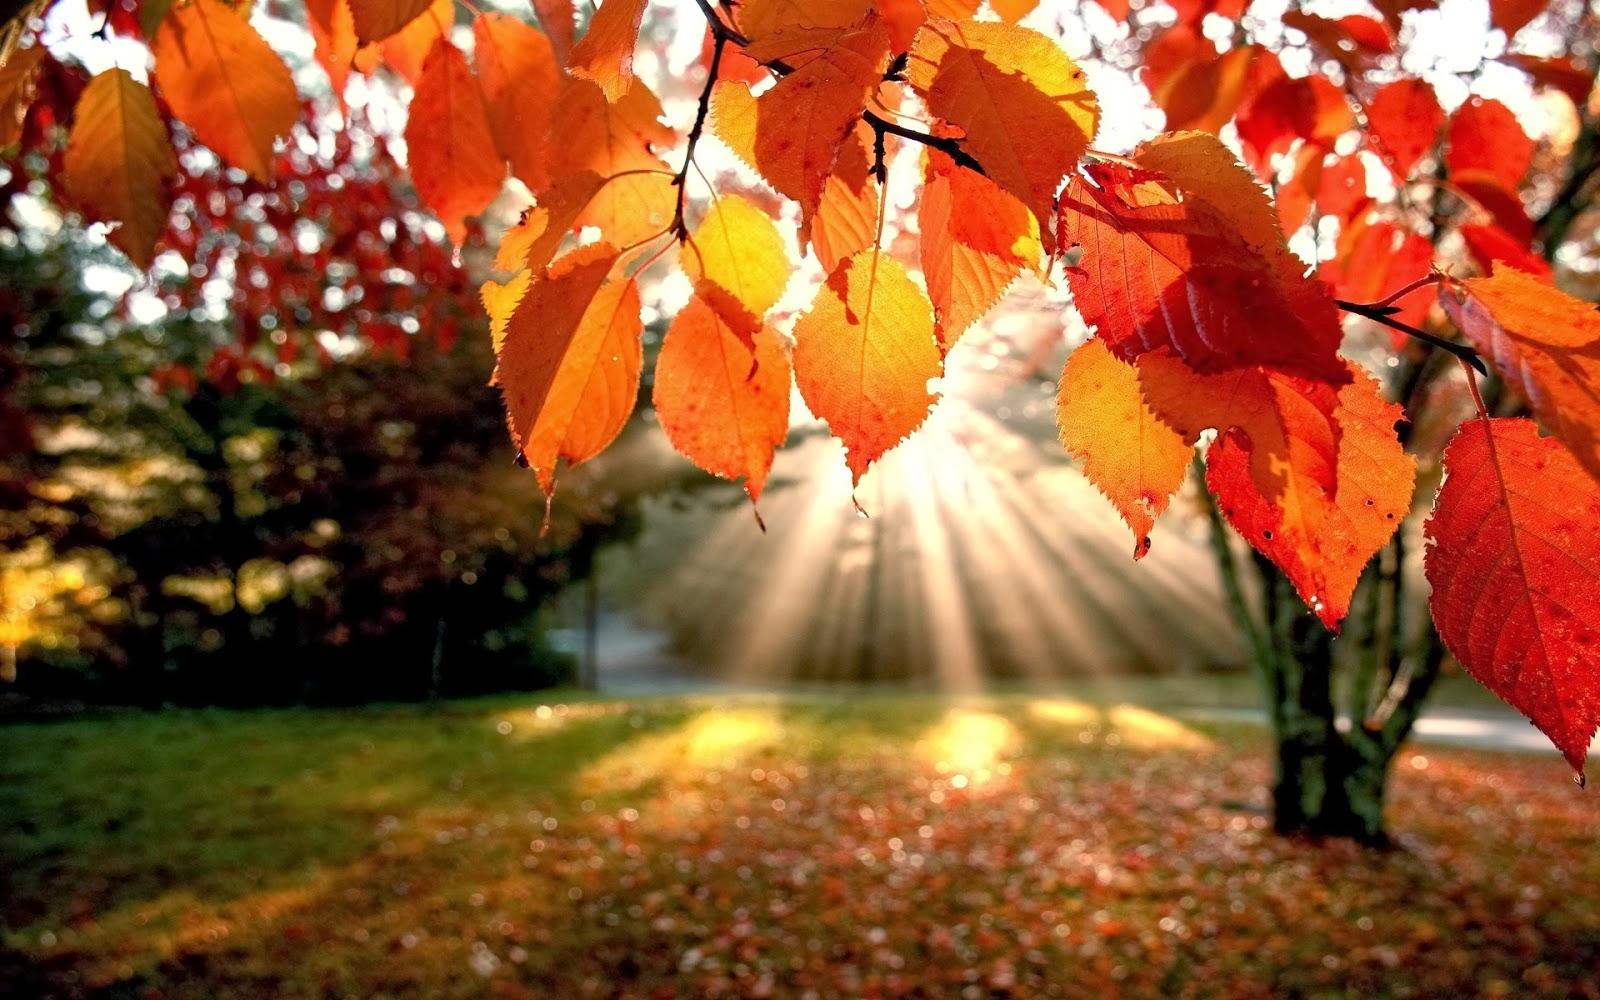 Neretai nemalonius pojūčius ar net ligas sukelia staigus saulės spindulių sumažėjimas, o tai savo ruožtu lemia sulėtėjusią vitamino D gamybą žmogaus organizme. (saulejo.blogspot.com nuotr.)